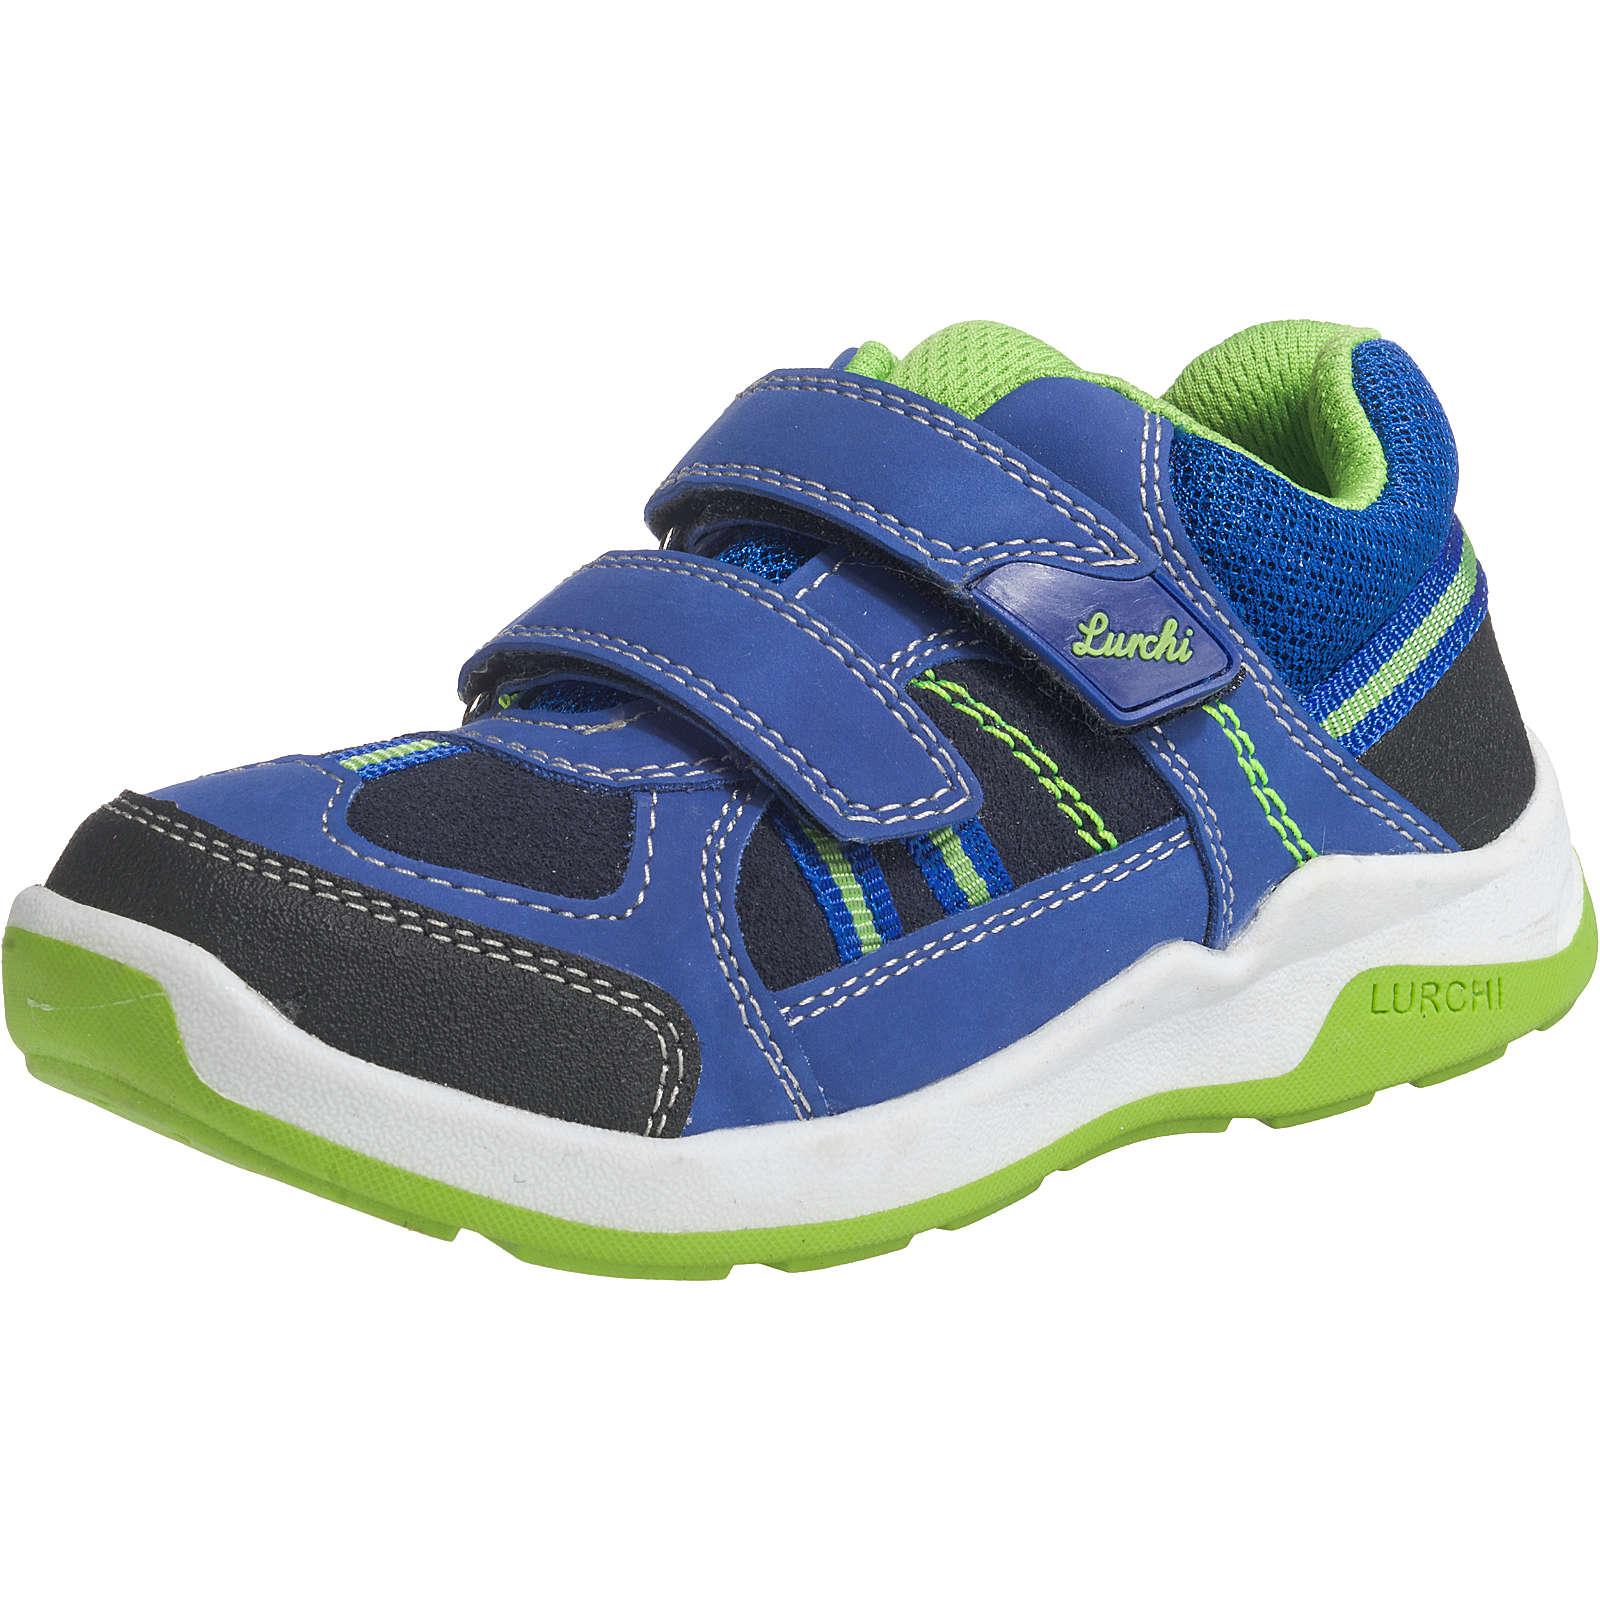 Lurchi Sneakers für Jungen blau Junge Gr. 35